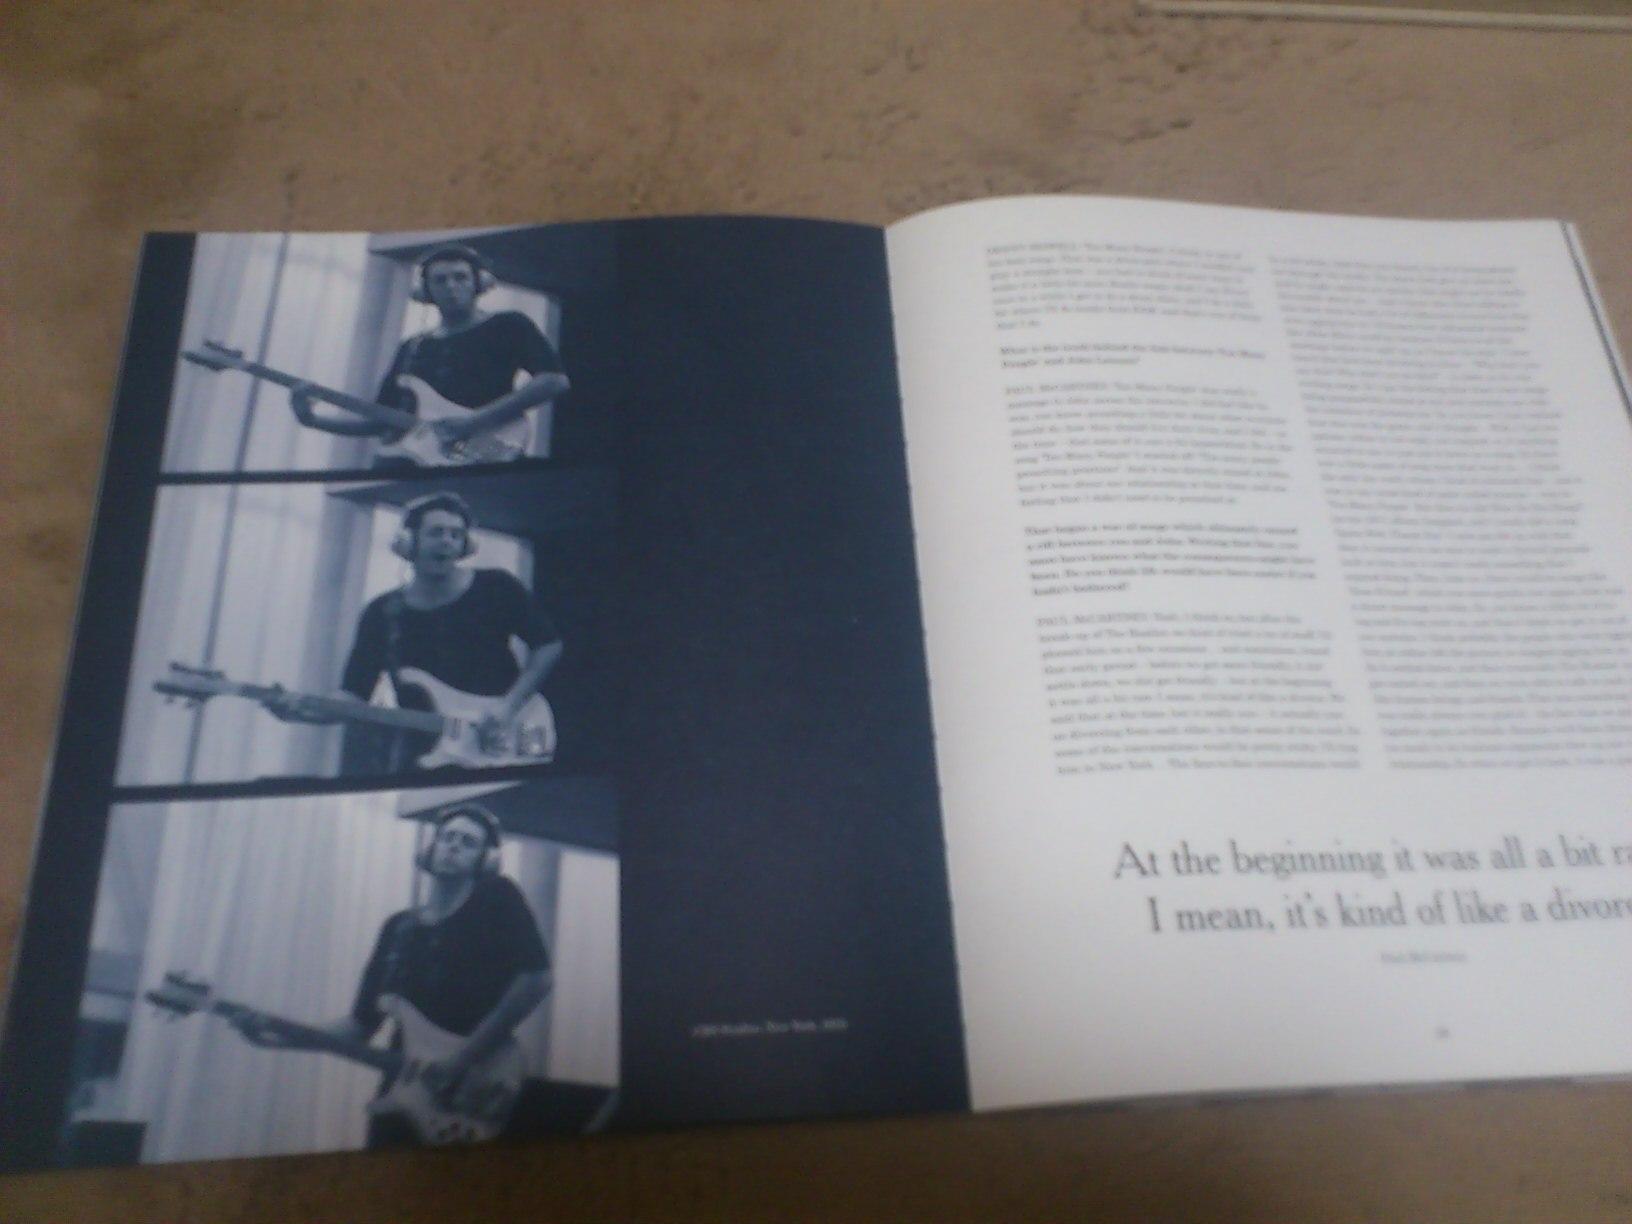 「ざまーみろ」 ポール・マッカートニー「RAM」再発売にあたって_a0189732_18411389.jpg